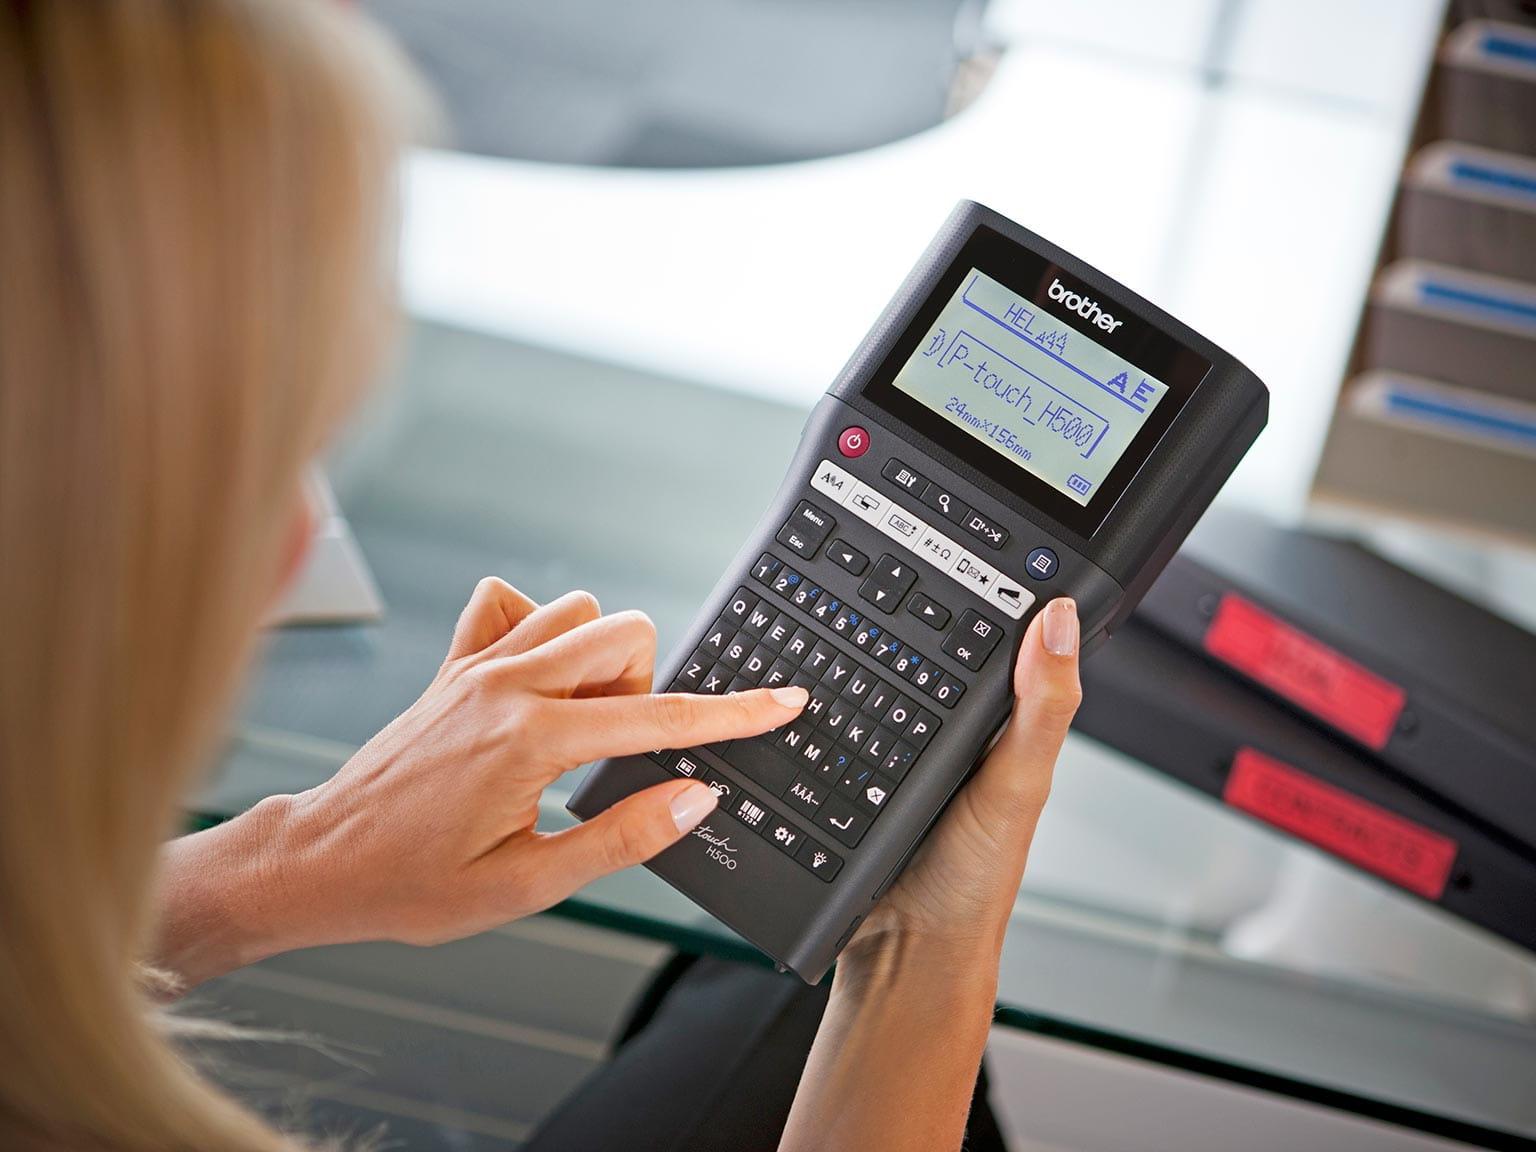 PTH500 Tarratulostin kulkee helposti mukanasi, joten voit tulostaa missä haluat